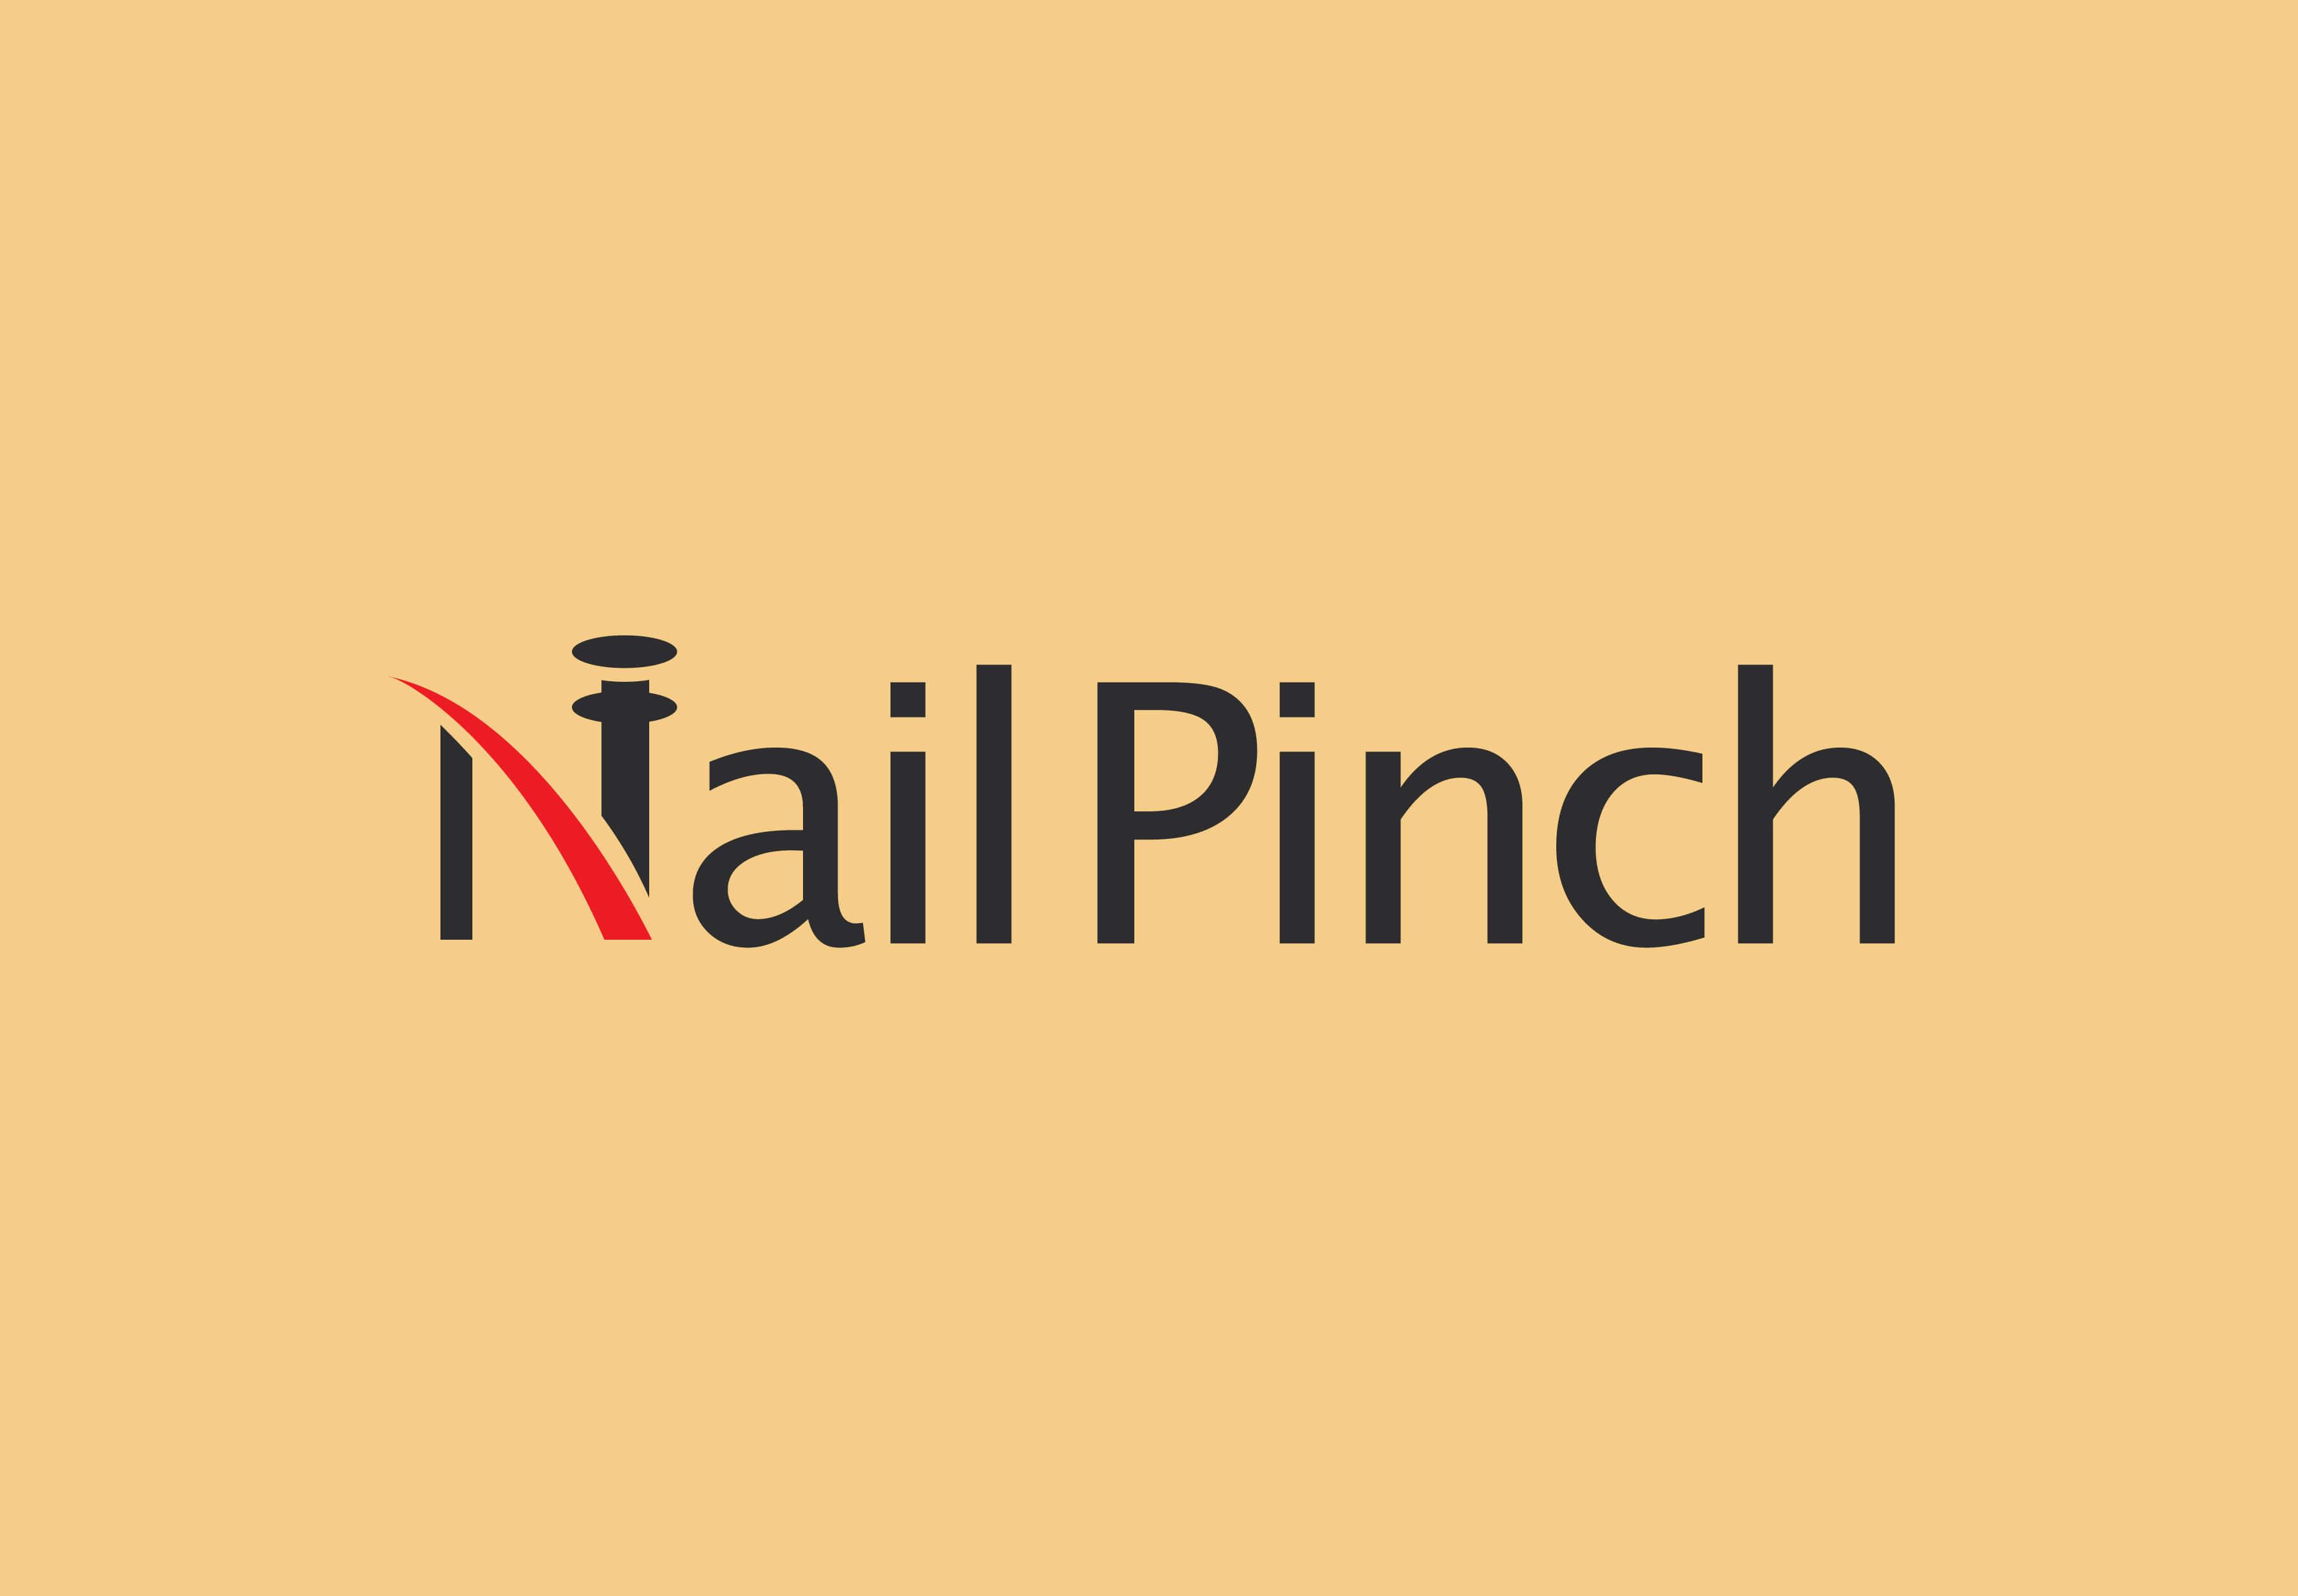 Nail Pinch